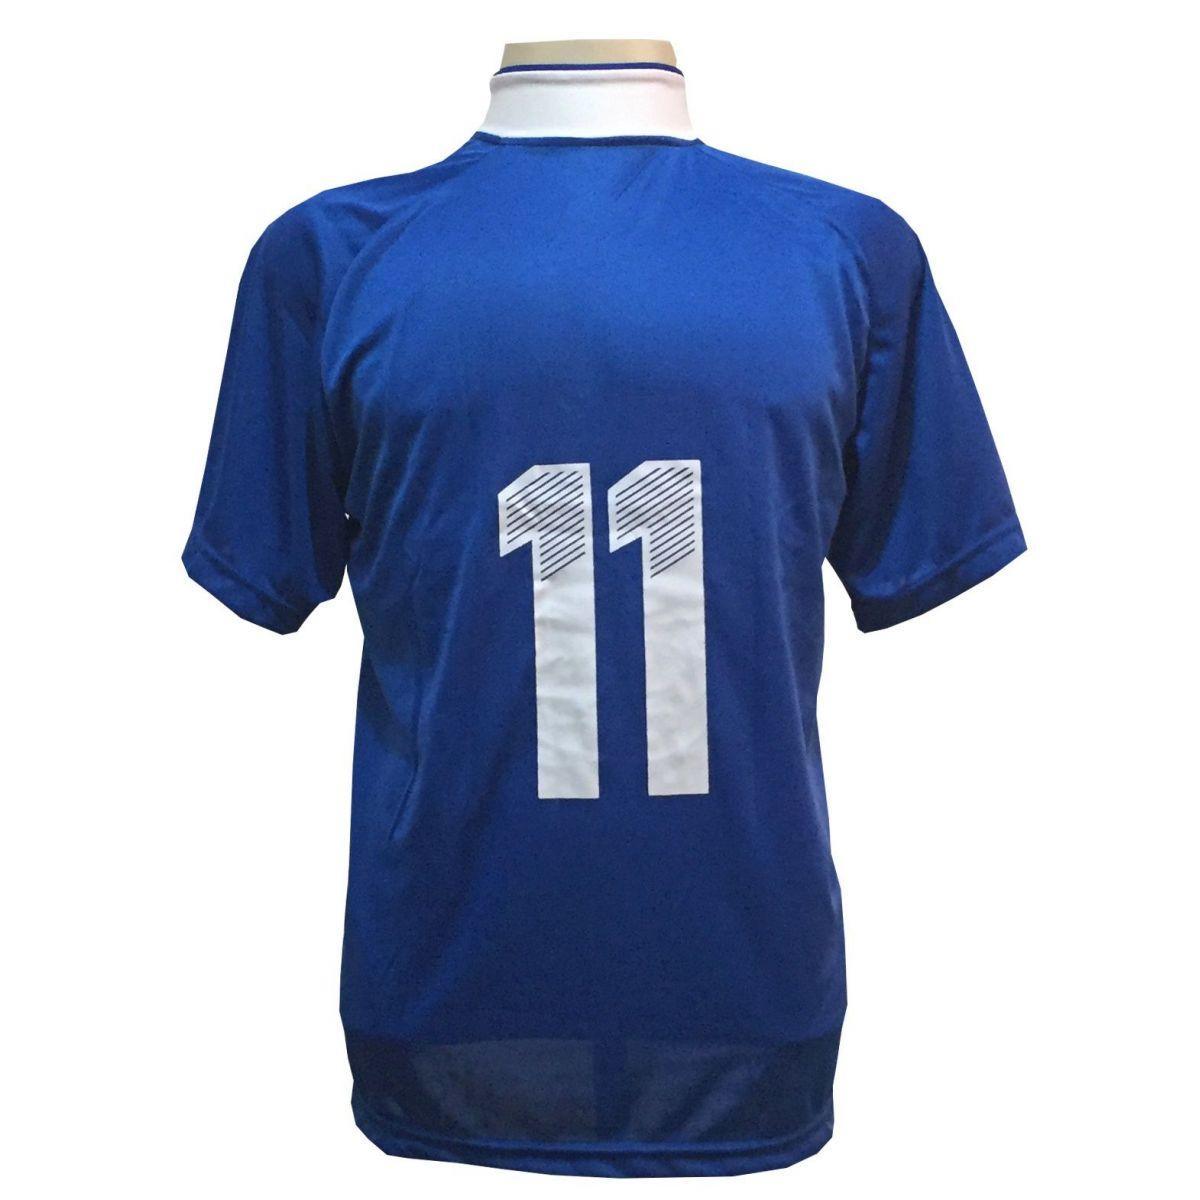 Uniforme Esportivo com 18 camisas modelo Milan Royal/Branco + 18 calções modelo Copa + 1 Goleiro + Brindes